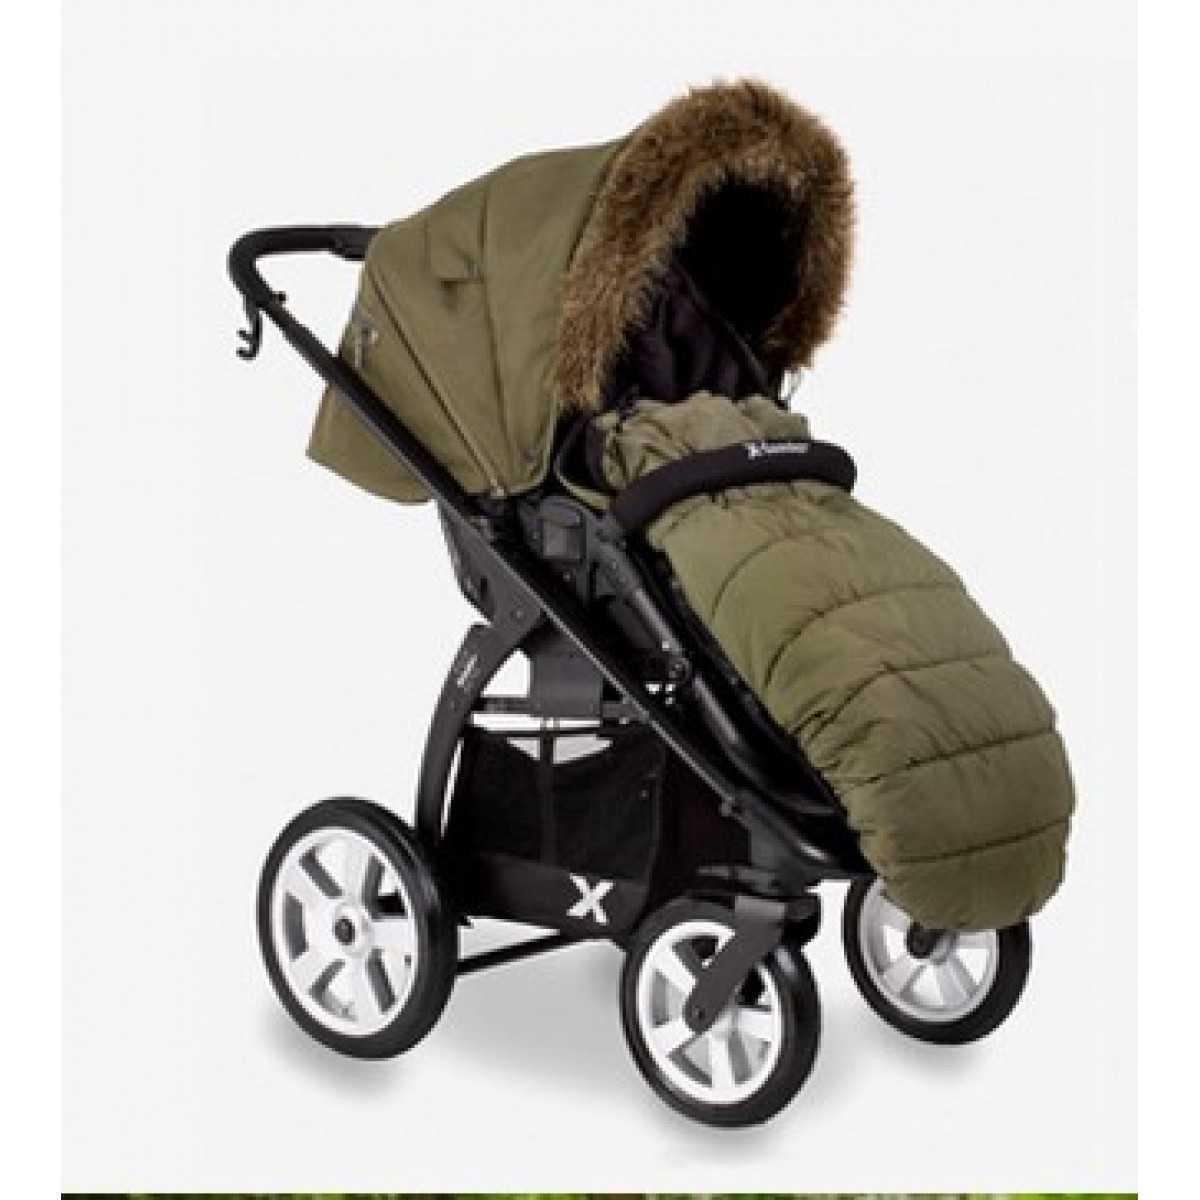 Выбирайте коляску для грудничка правильно Вы узнаете какие варианты уместны для прогулки с ребенком зимой и летом из нашей статьи